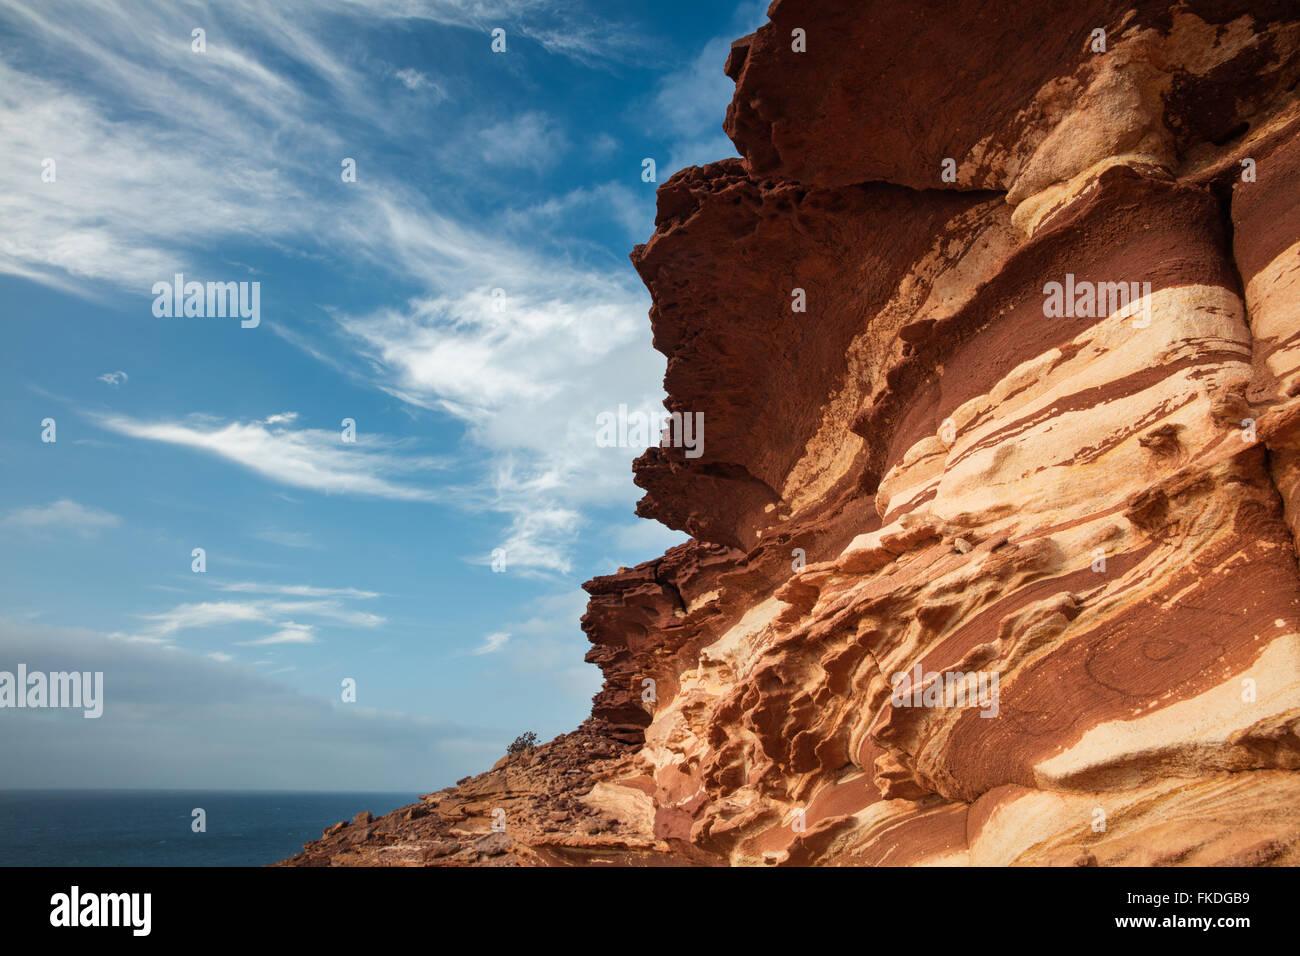 Gesteinsschichten an der Küste im Kalbarri National Park, Western Australia Stockbild